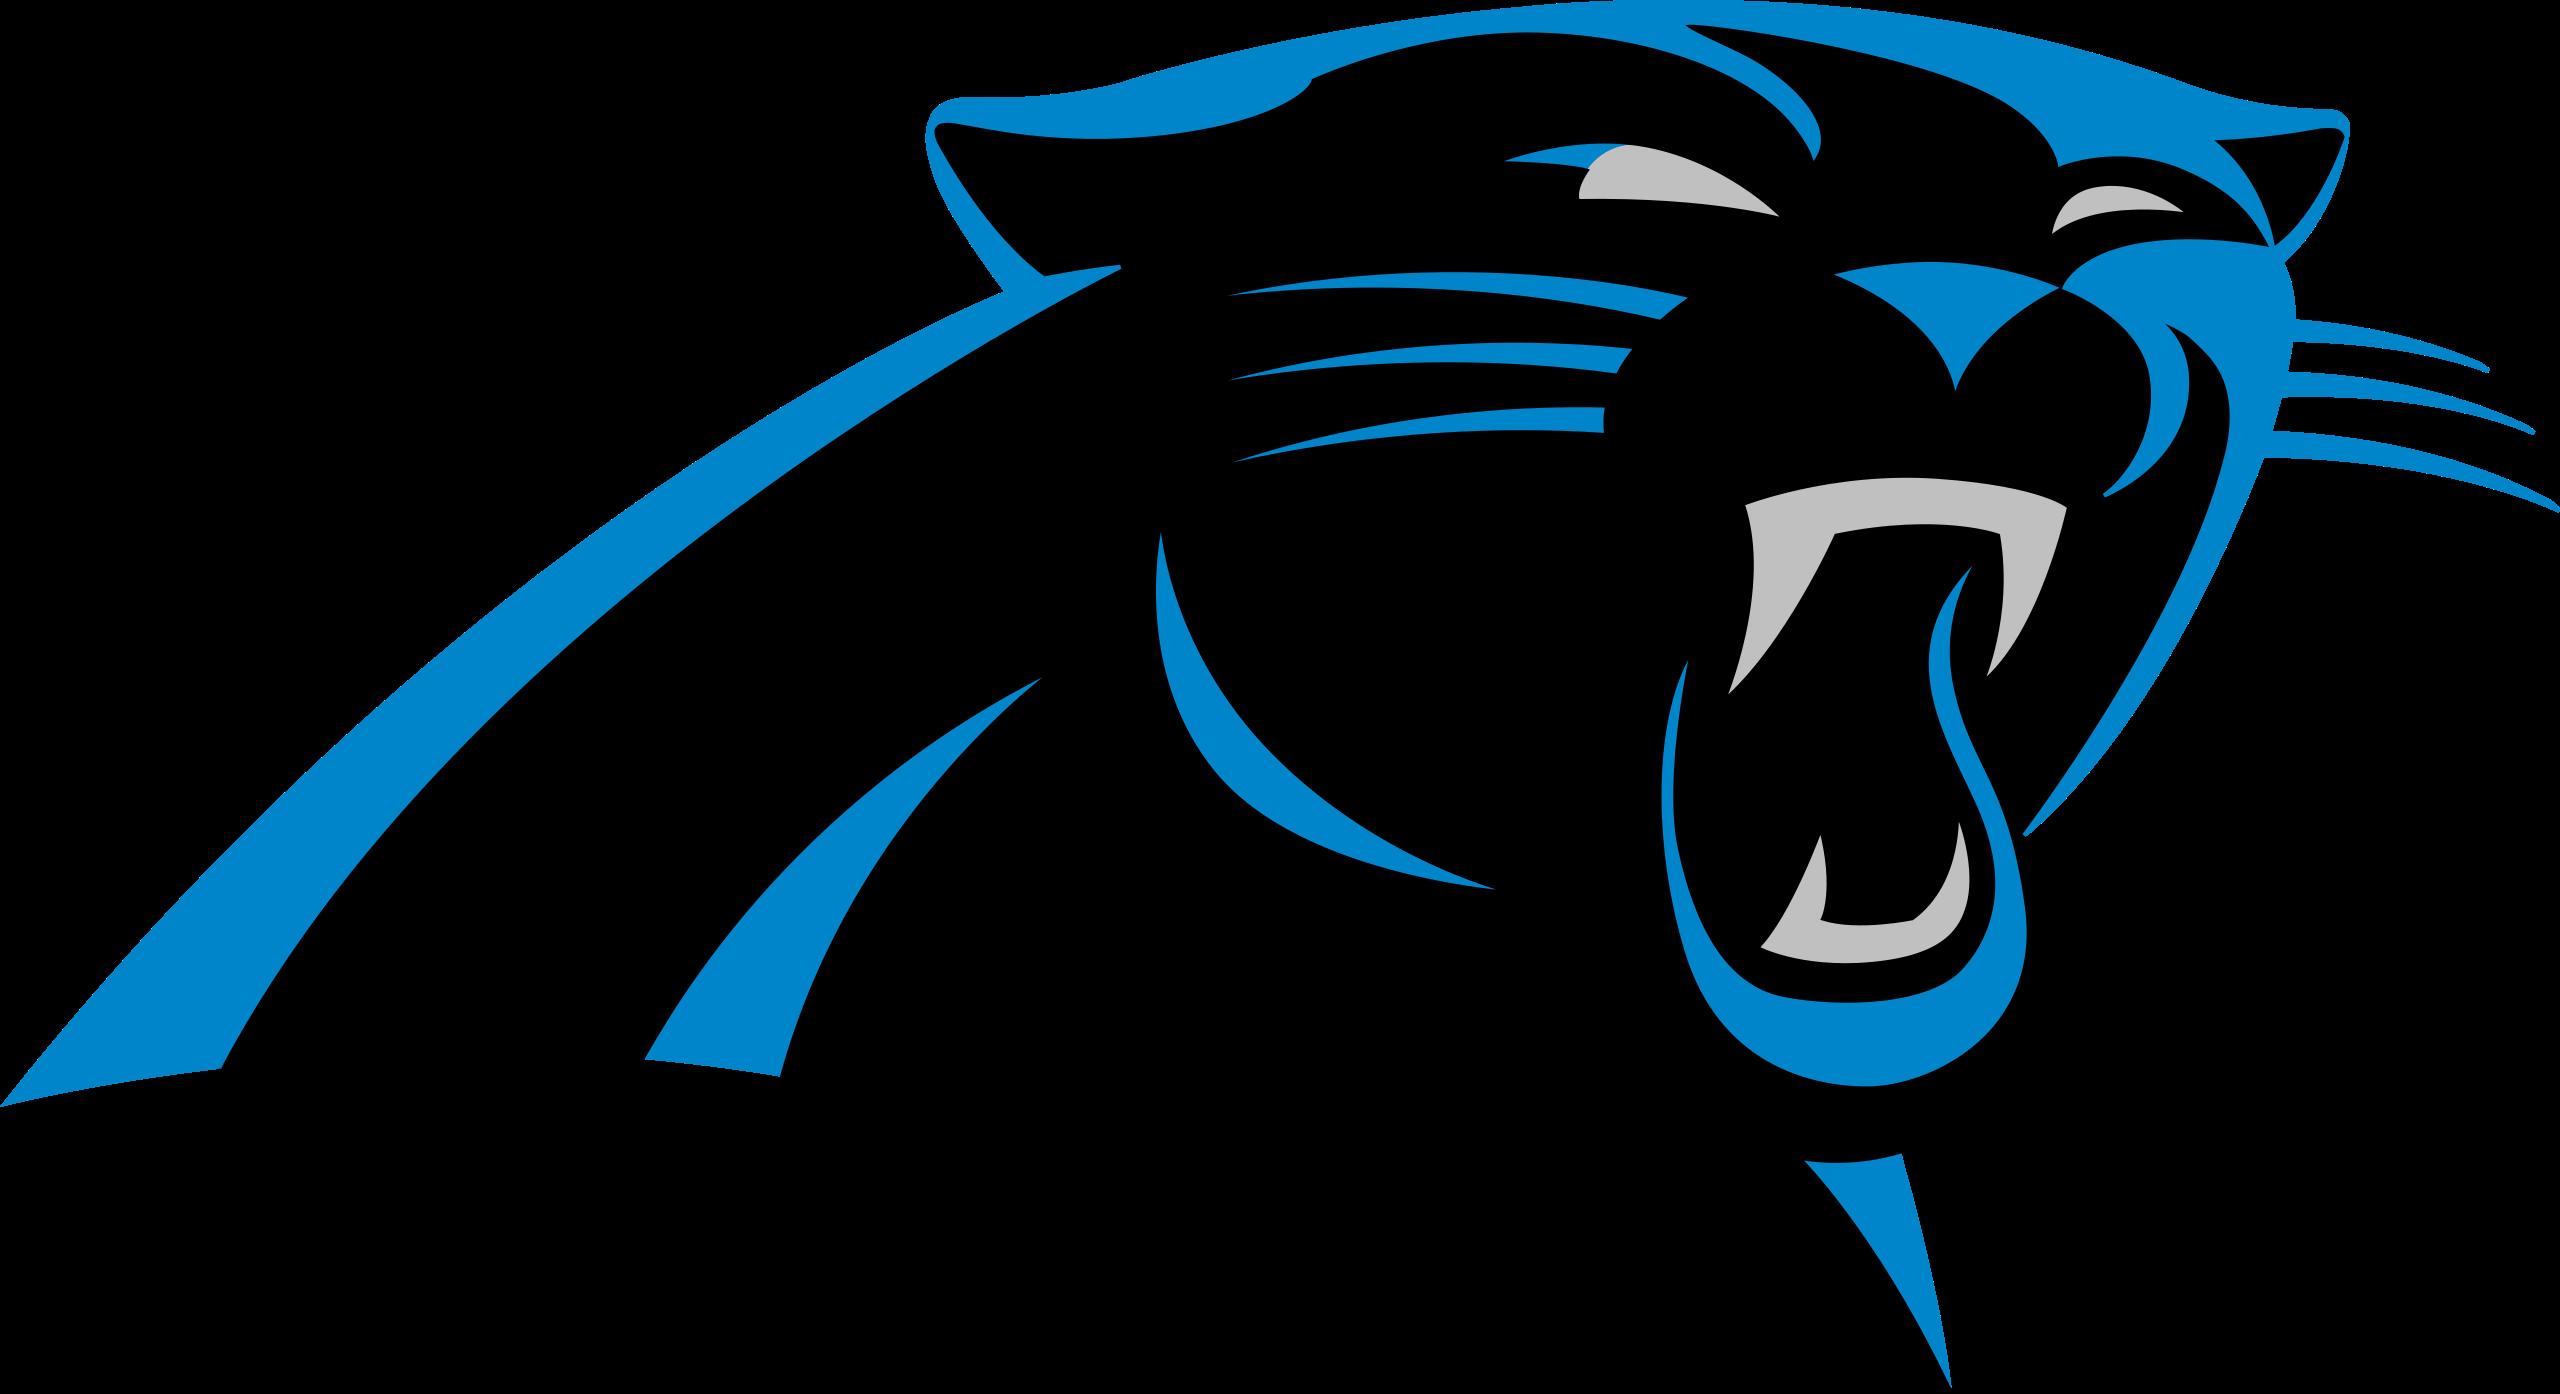 Image carolina panthers logo. Panther clipart nfl